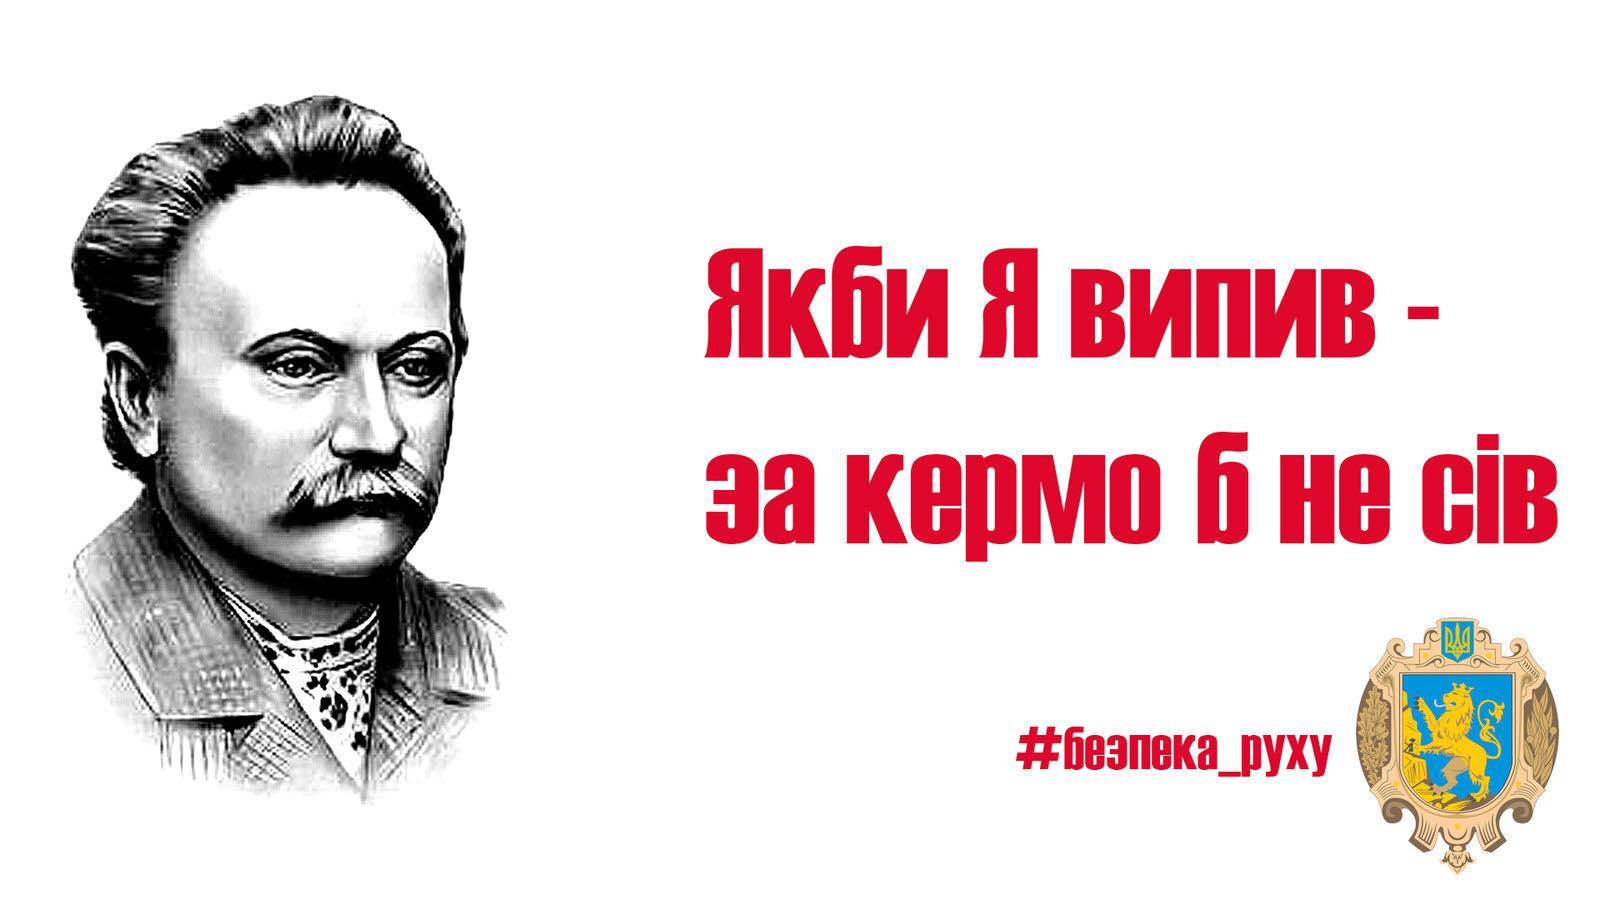 Постер «Якби я випив — за кермо б не сів» / ЛОДА / facebook.com